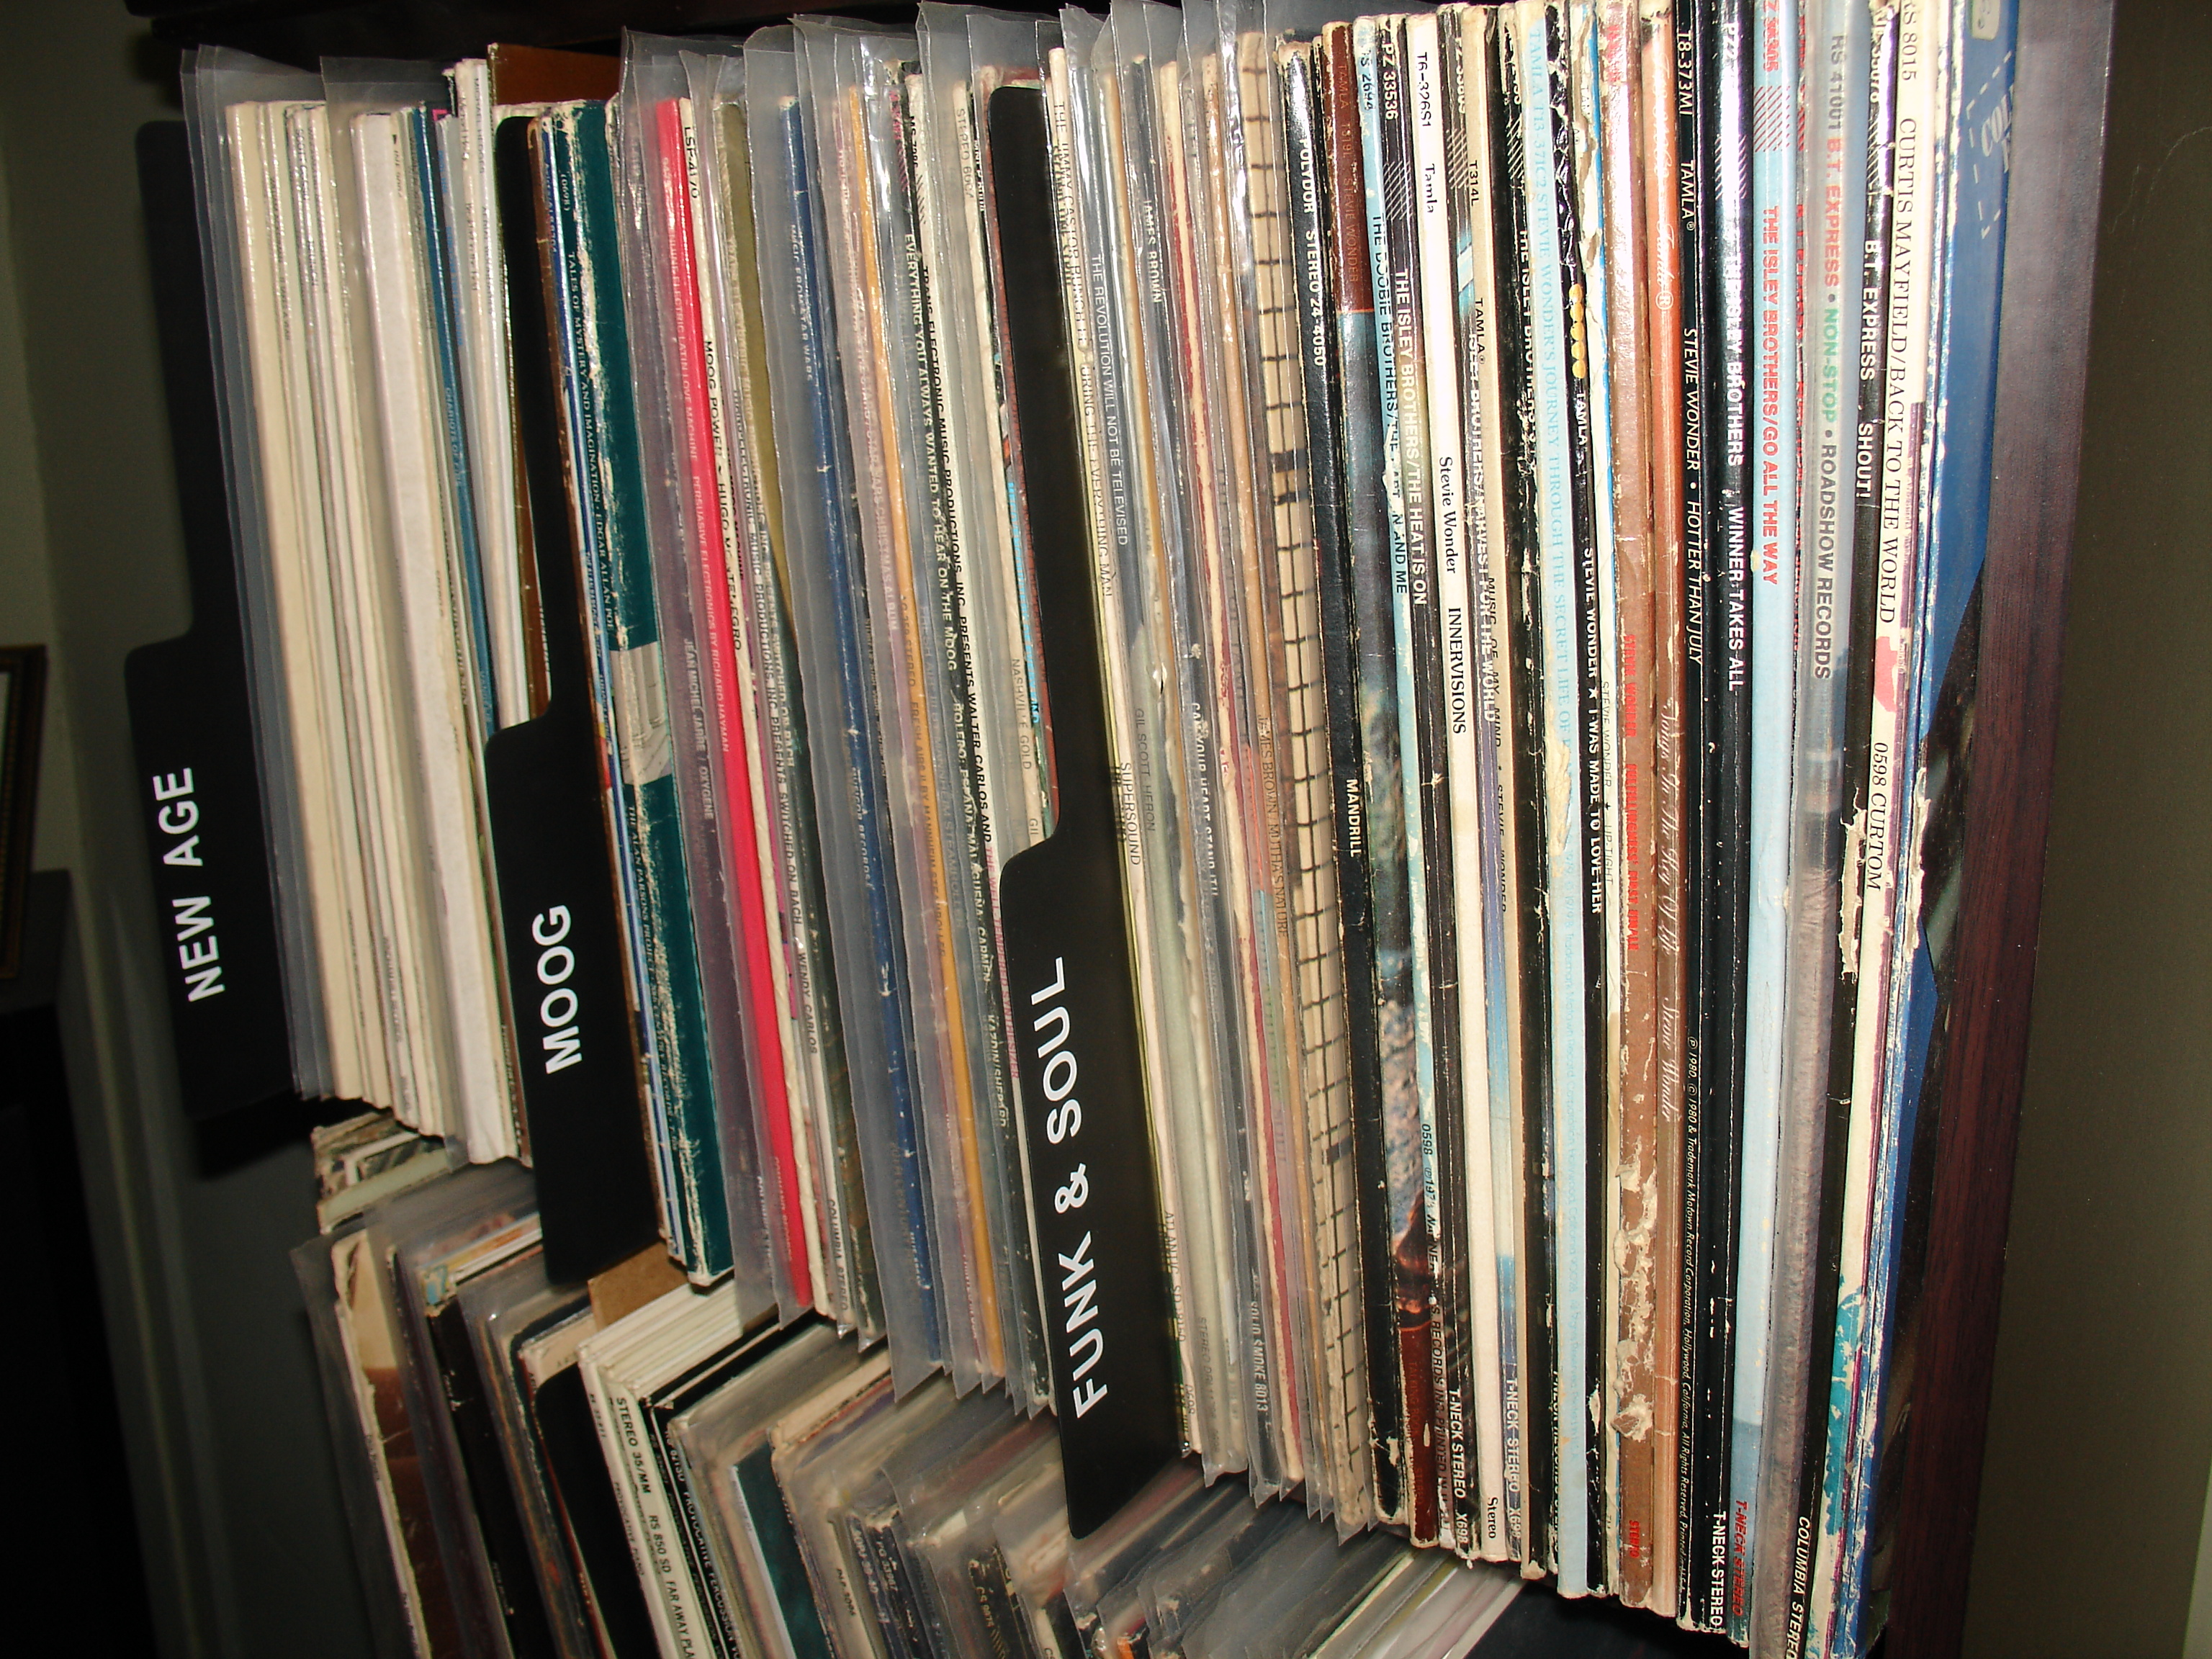 08 New Age Moog Funk & Soul